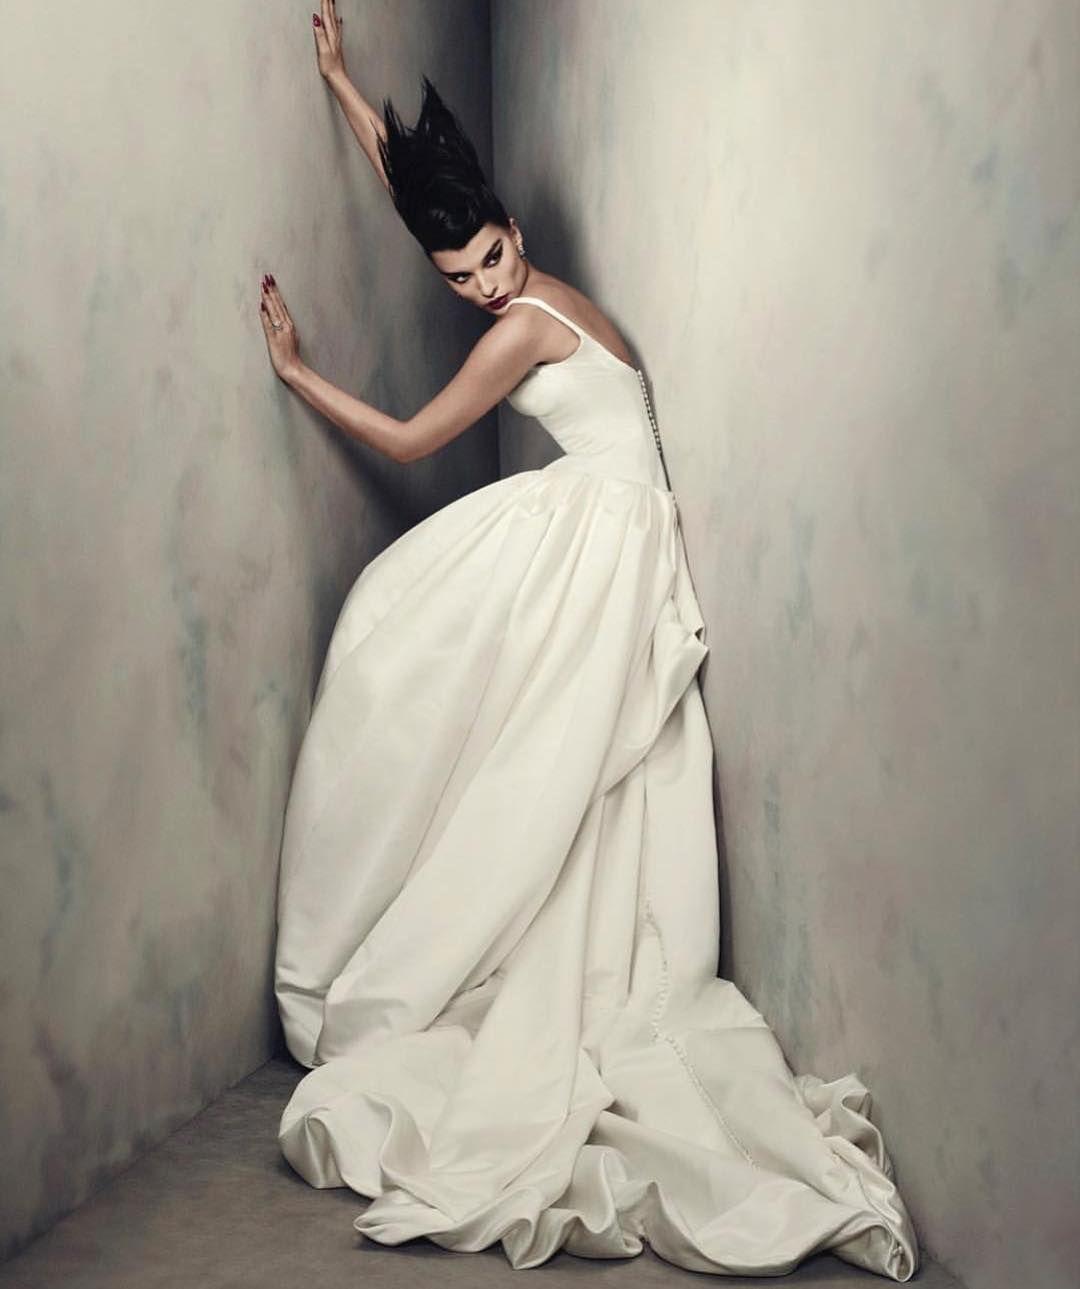 Trulyzacposen Bridal Davidsbridal Bridalgown Zacposen Modeled By Crystalball1111 Photo By Daniel W King Zac Posen Bridal Truly Zac Posen David S Bridal [ jpg ]